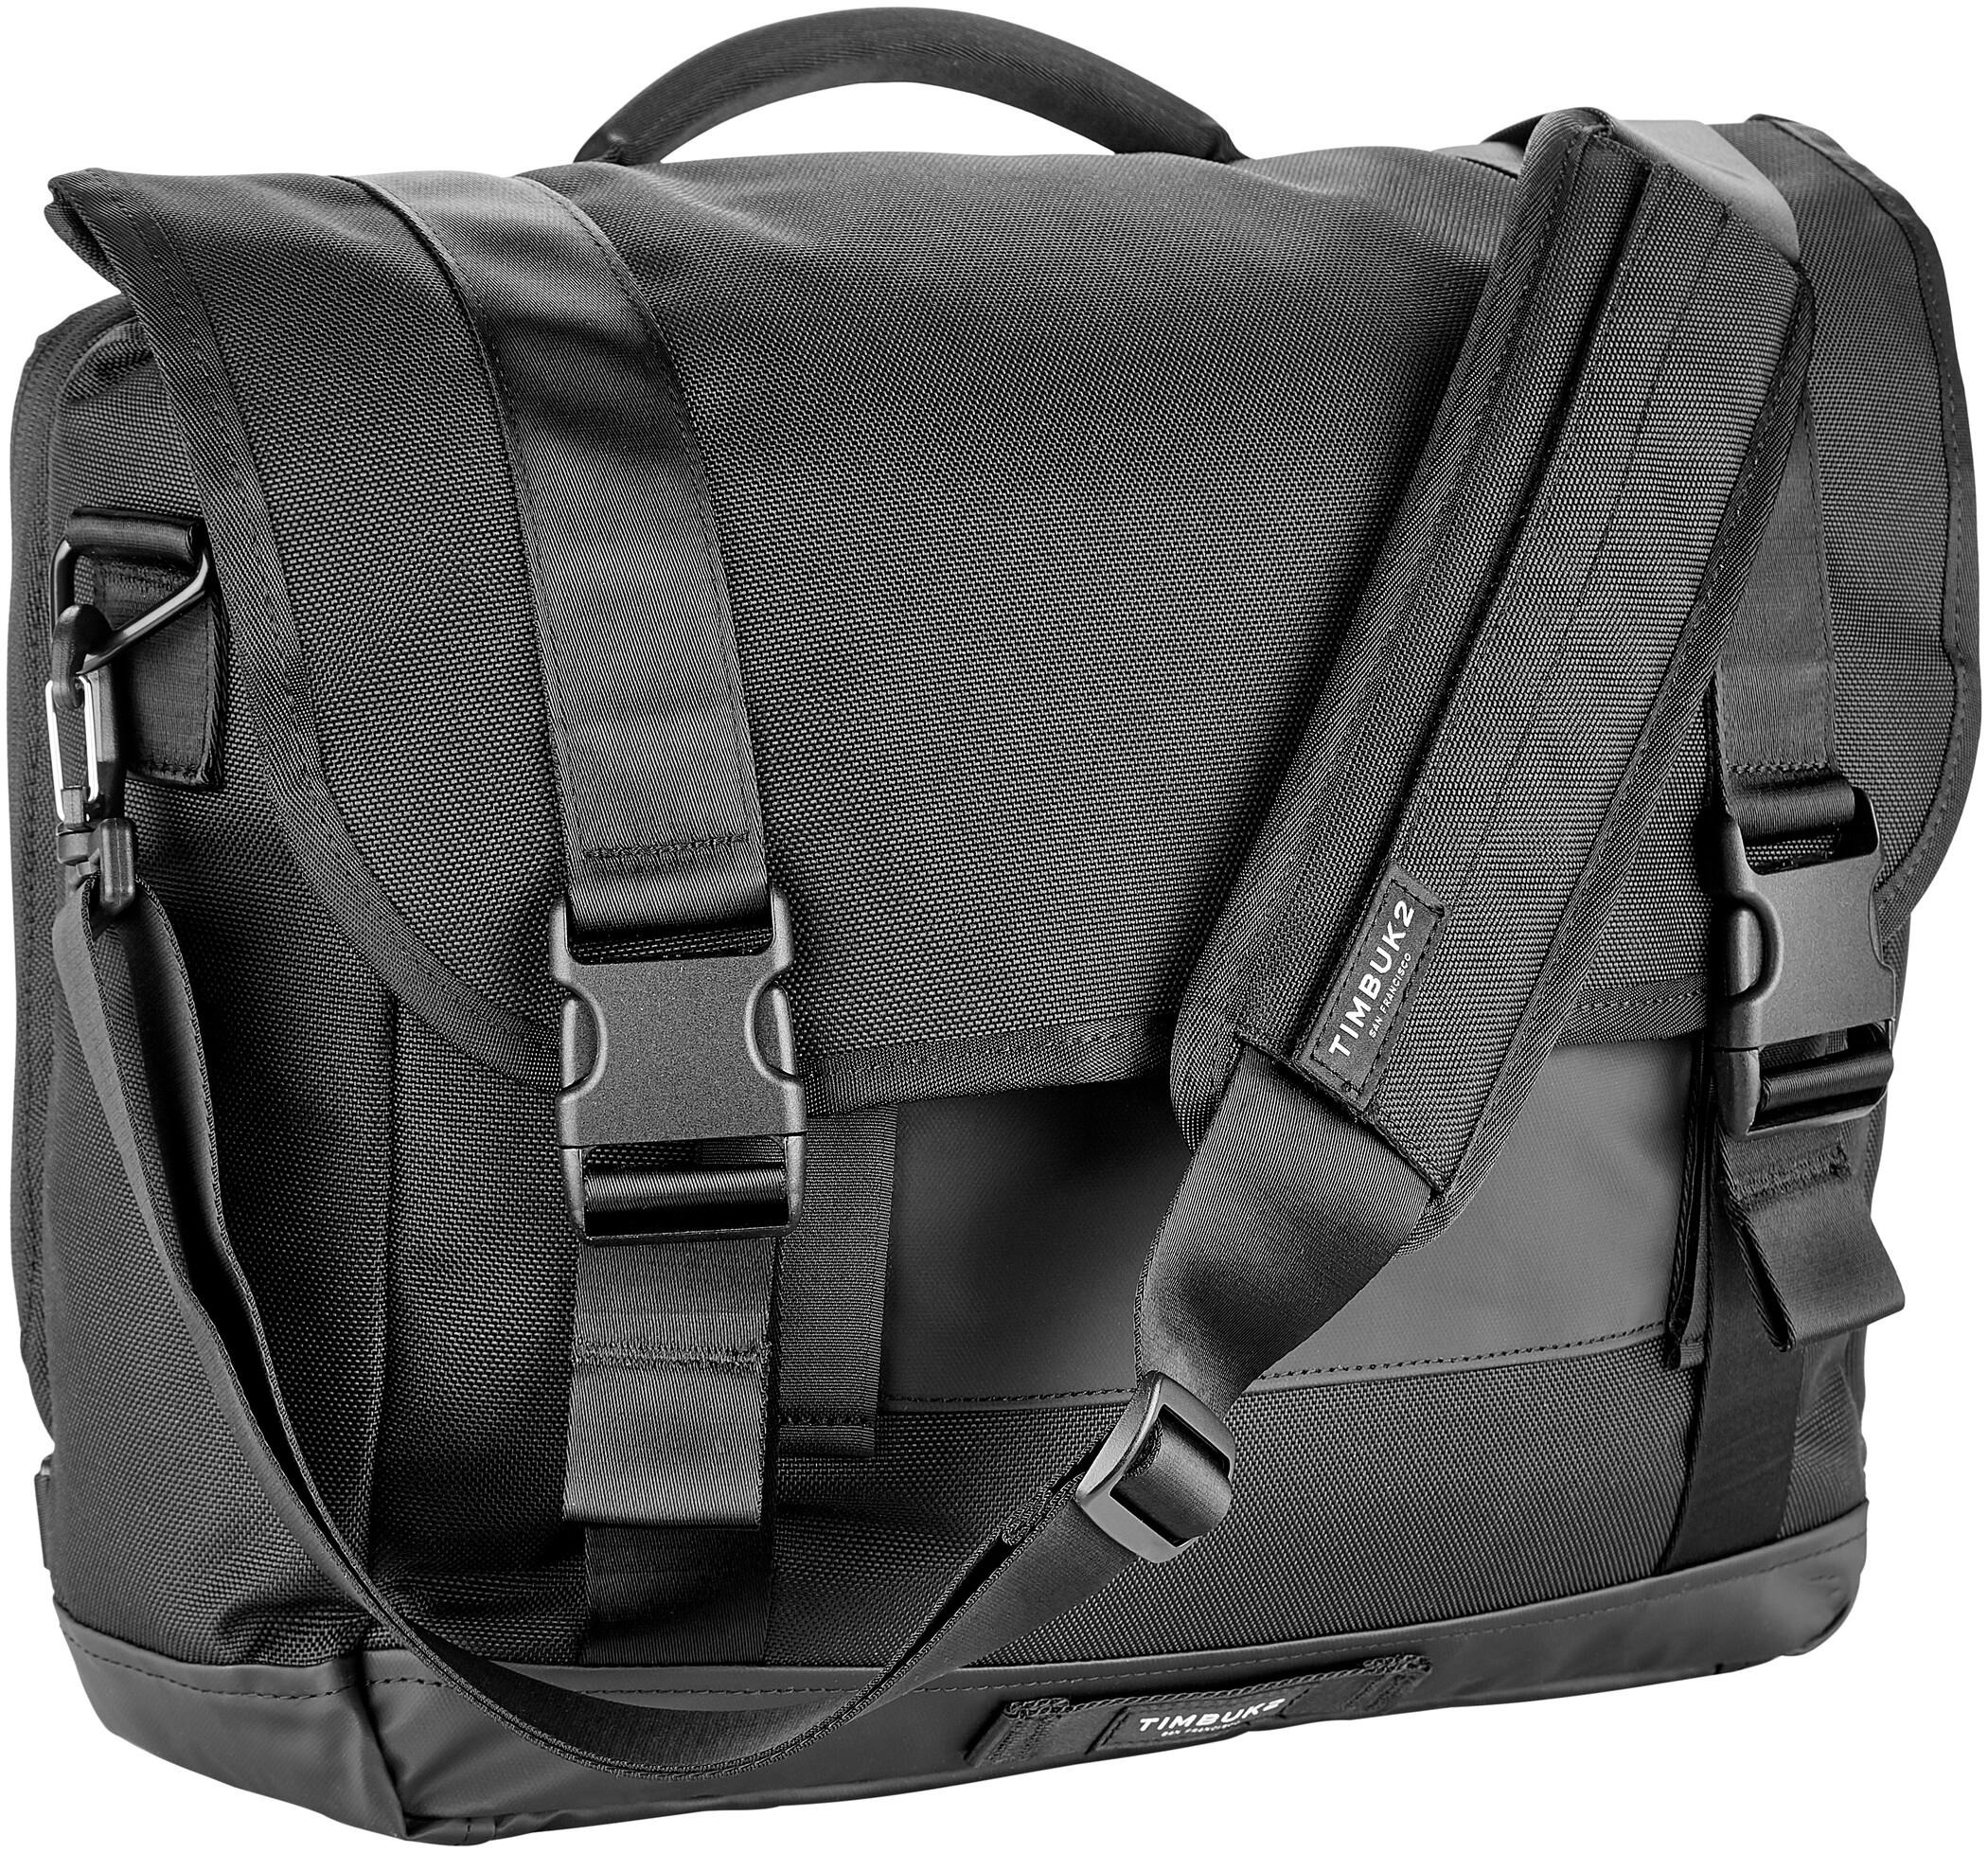 Timbuk2 Commute Messenger Bag L, jet black (2019) | Travel bags